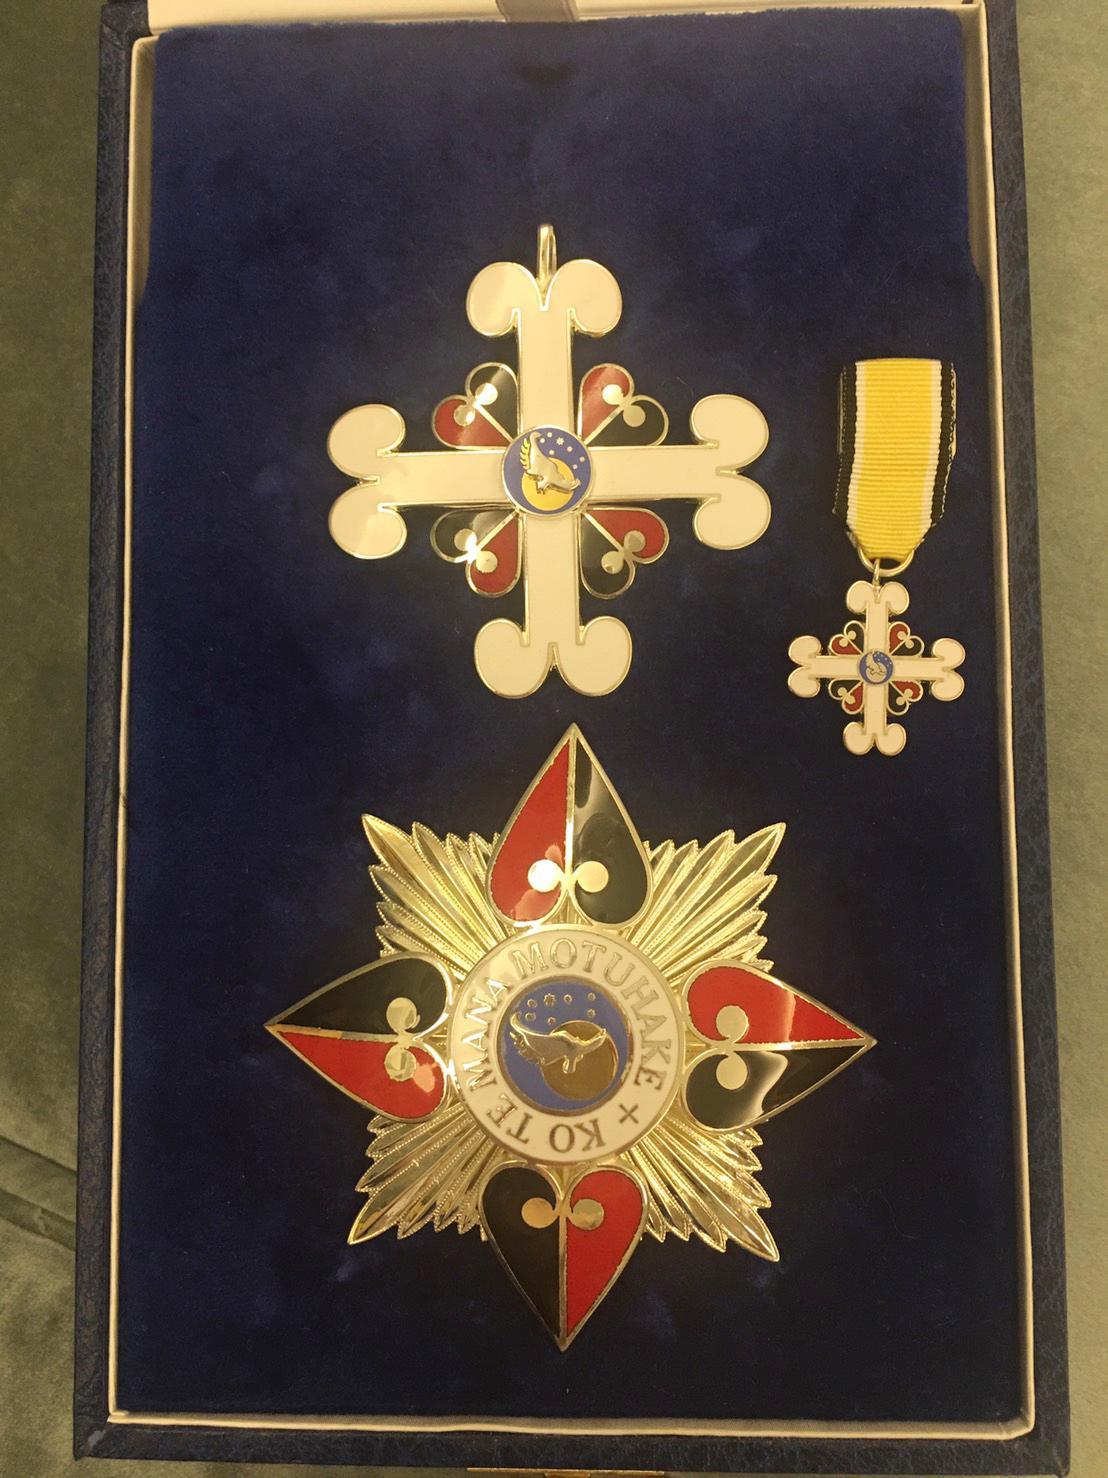 陳瑩獲頒的勳章,類似英國的爵級司令勳章。